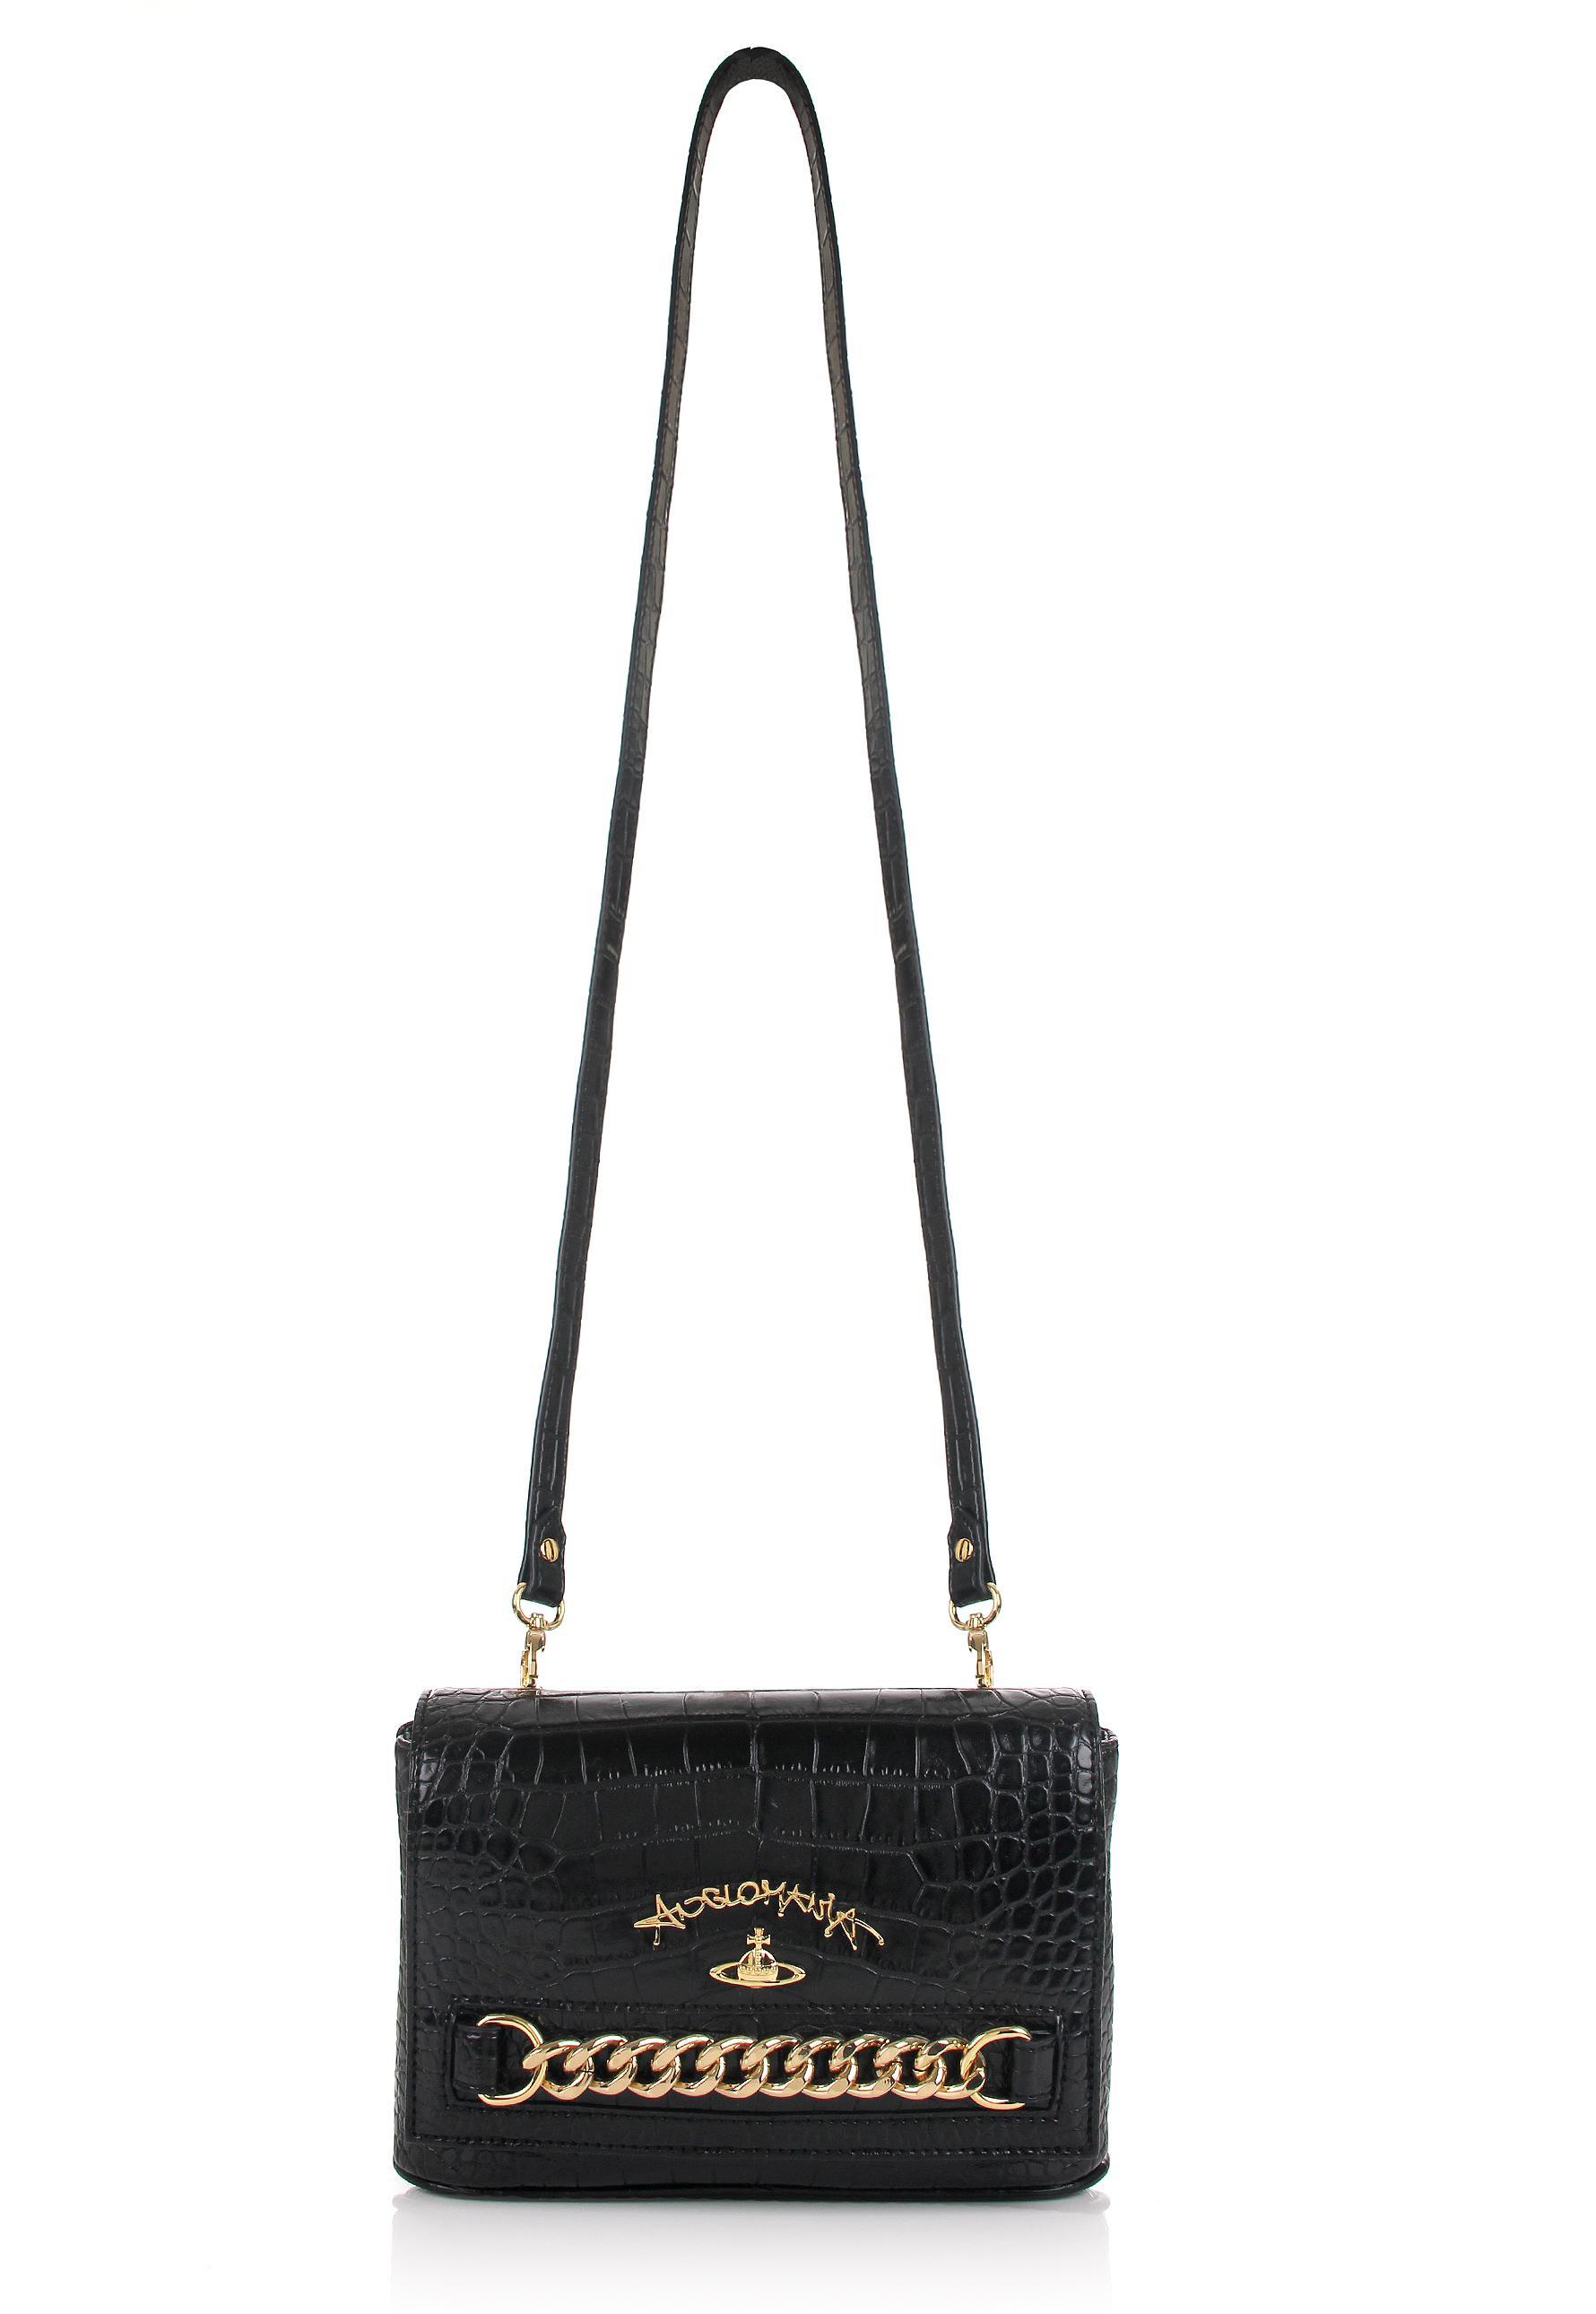 Lyst - Vivienne Westwood Dorset 7269 Small Crossbody Bag Black in Black e66879229f3dd